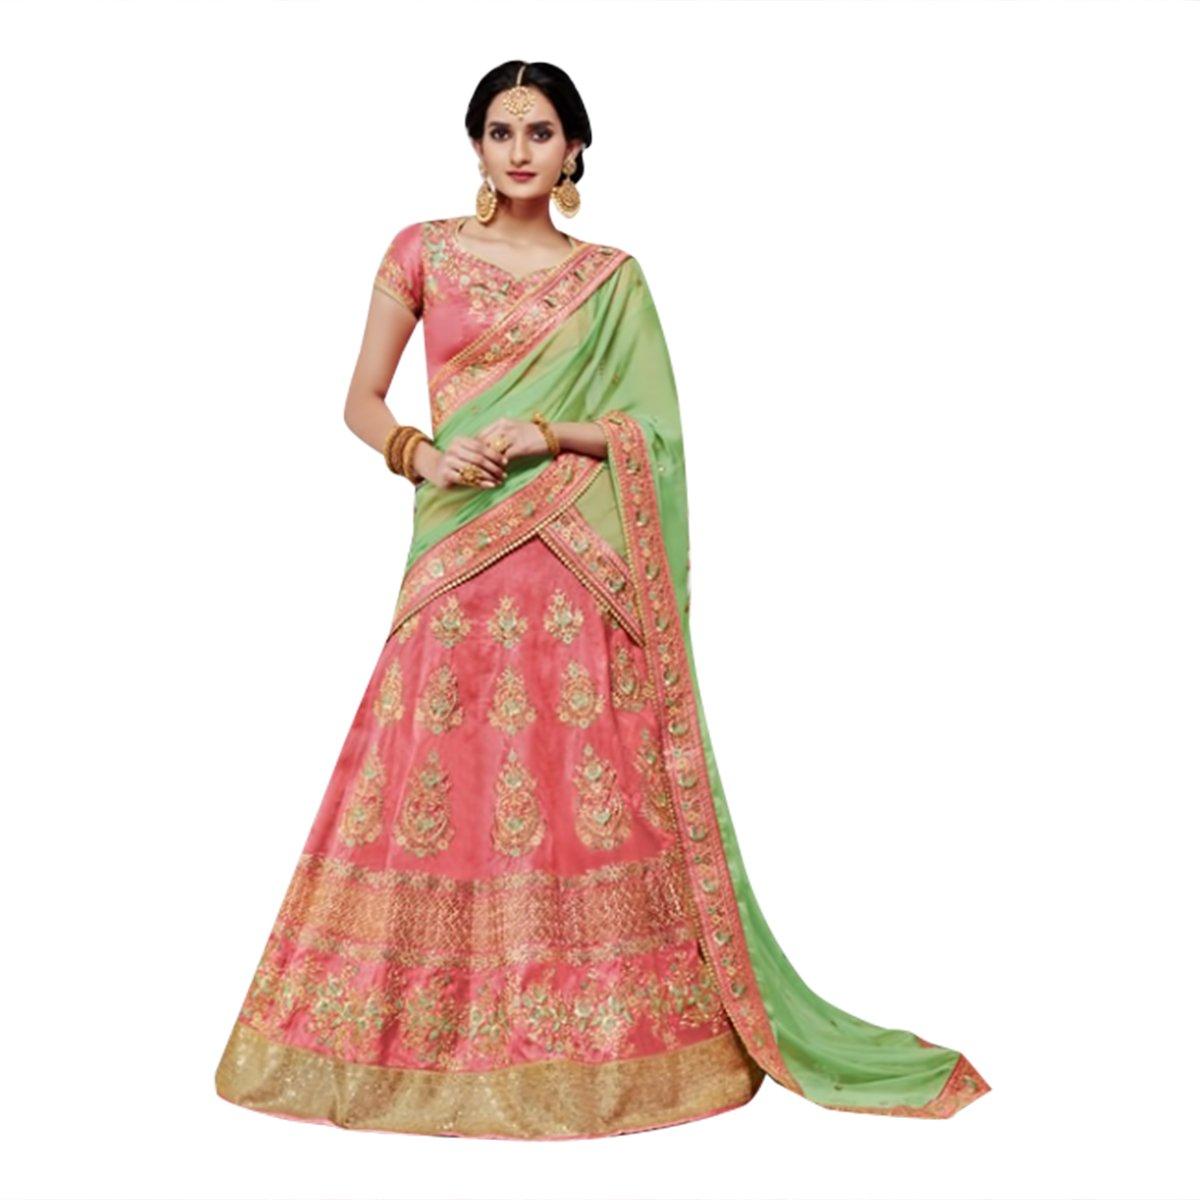 Abiti nuziali nuziali di cerimonia nuziale del progettista indiano delle donne di Lehengha Choli del...